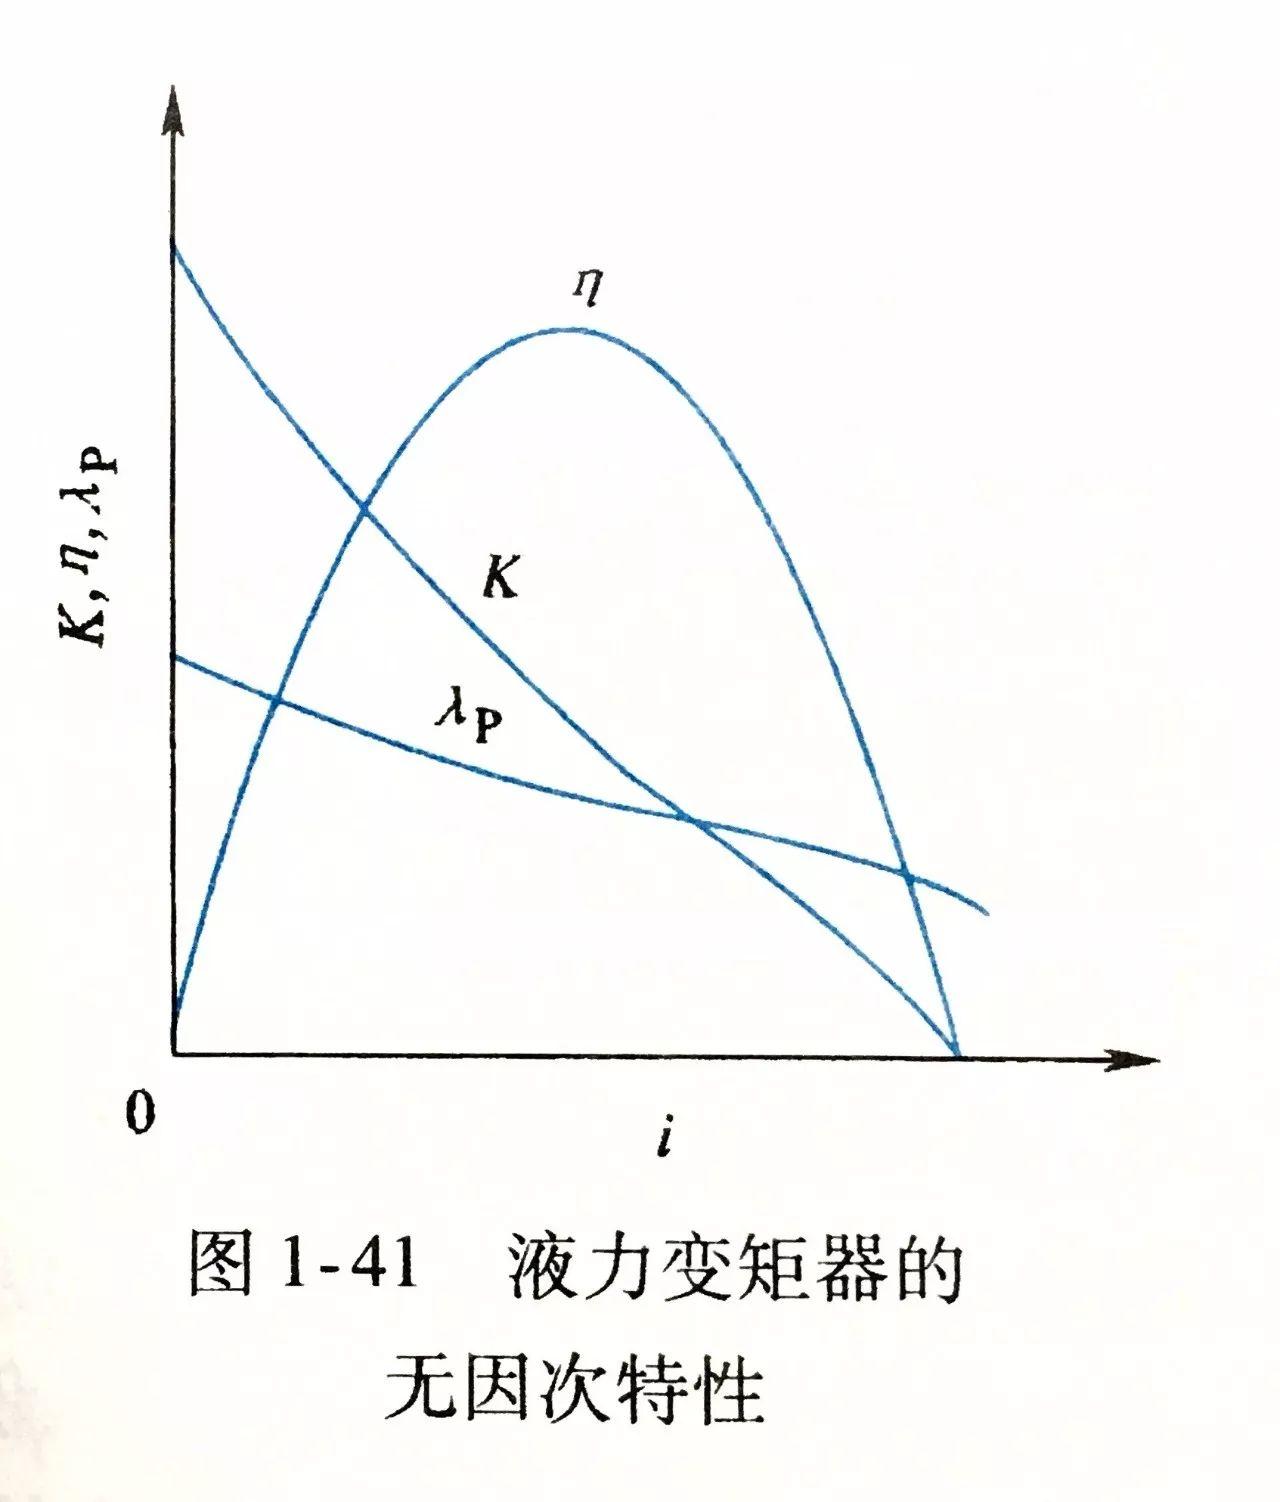 必威官网 31